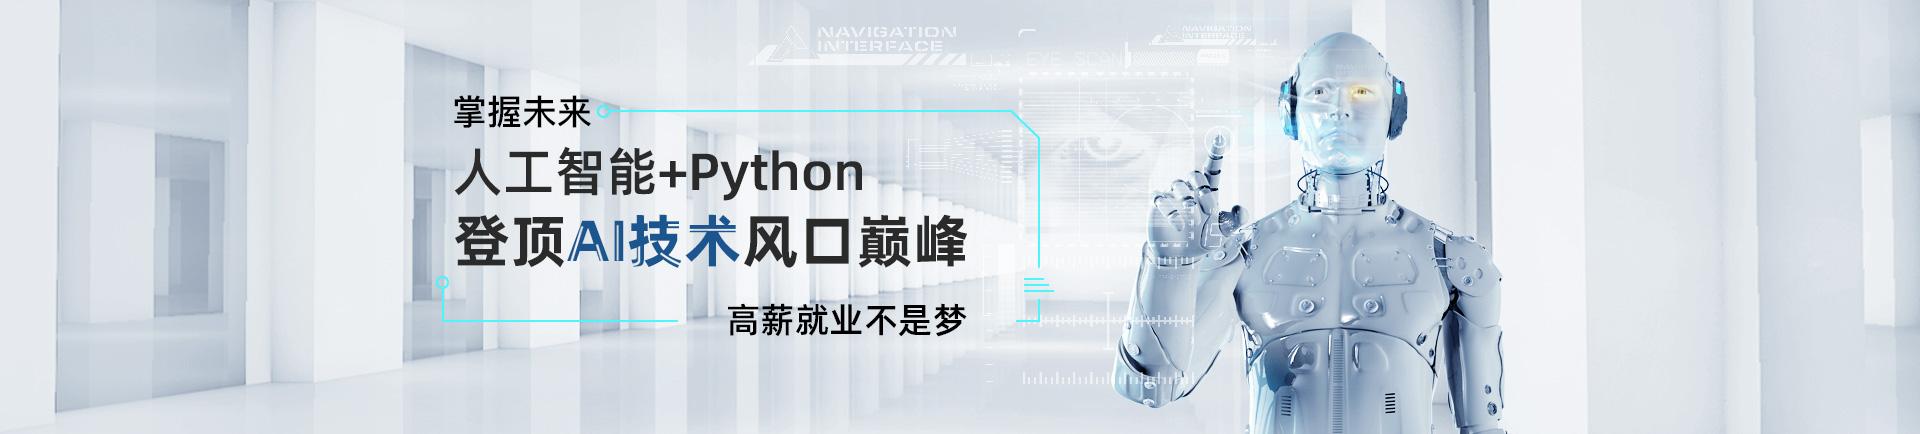 06-人工智能+Python登顶AI技术巅峰